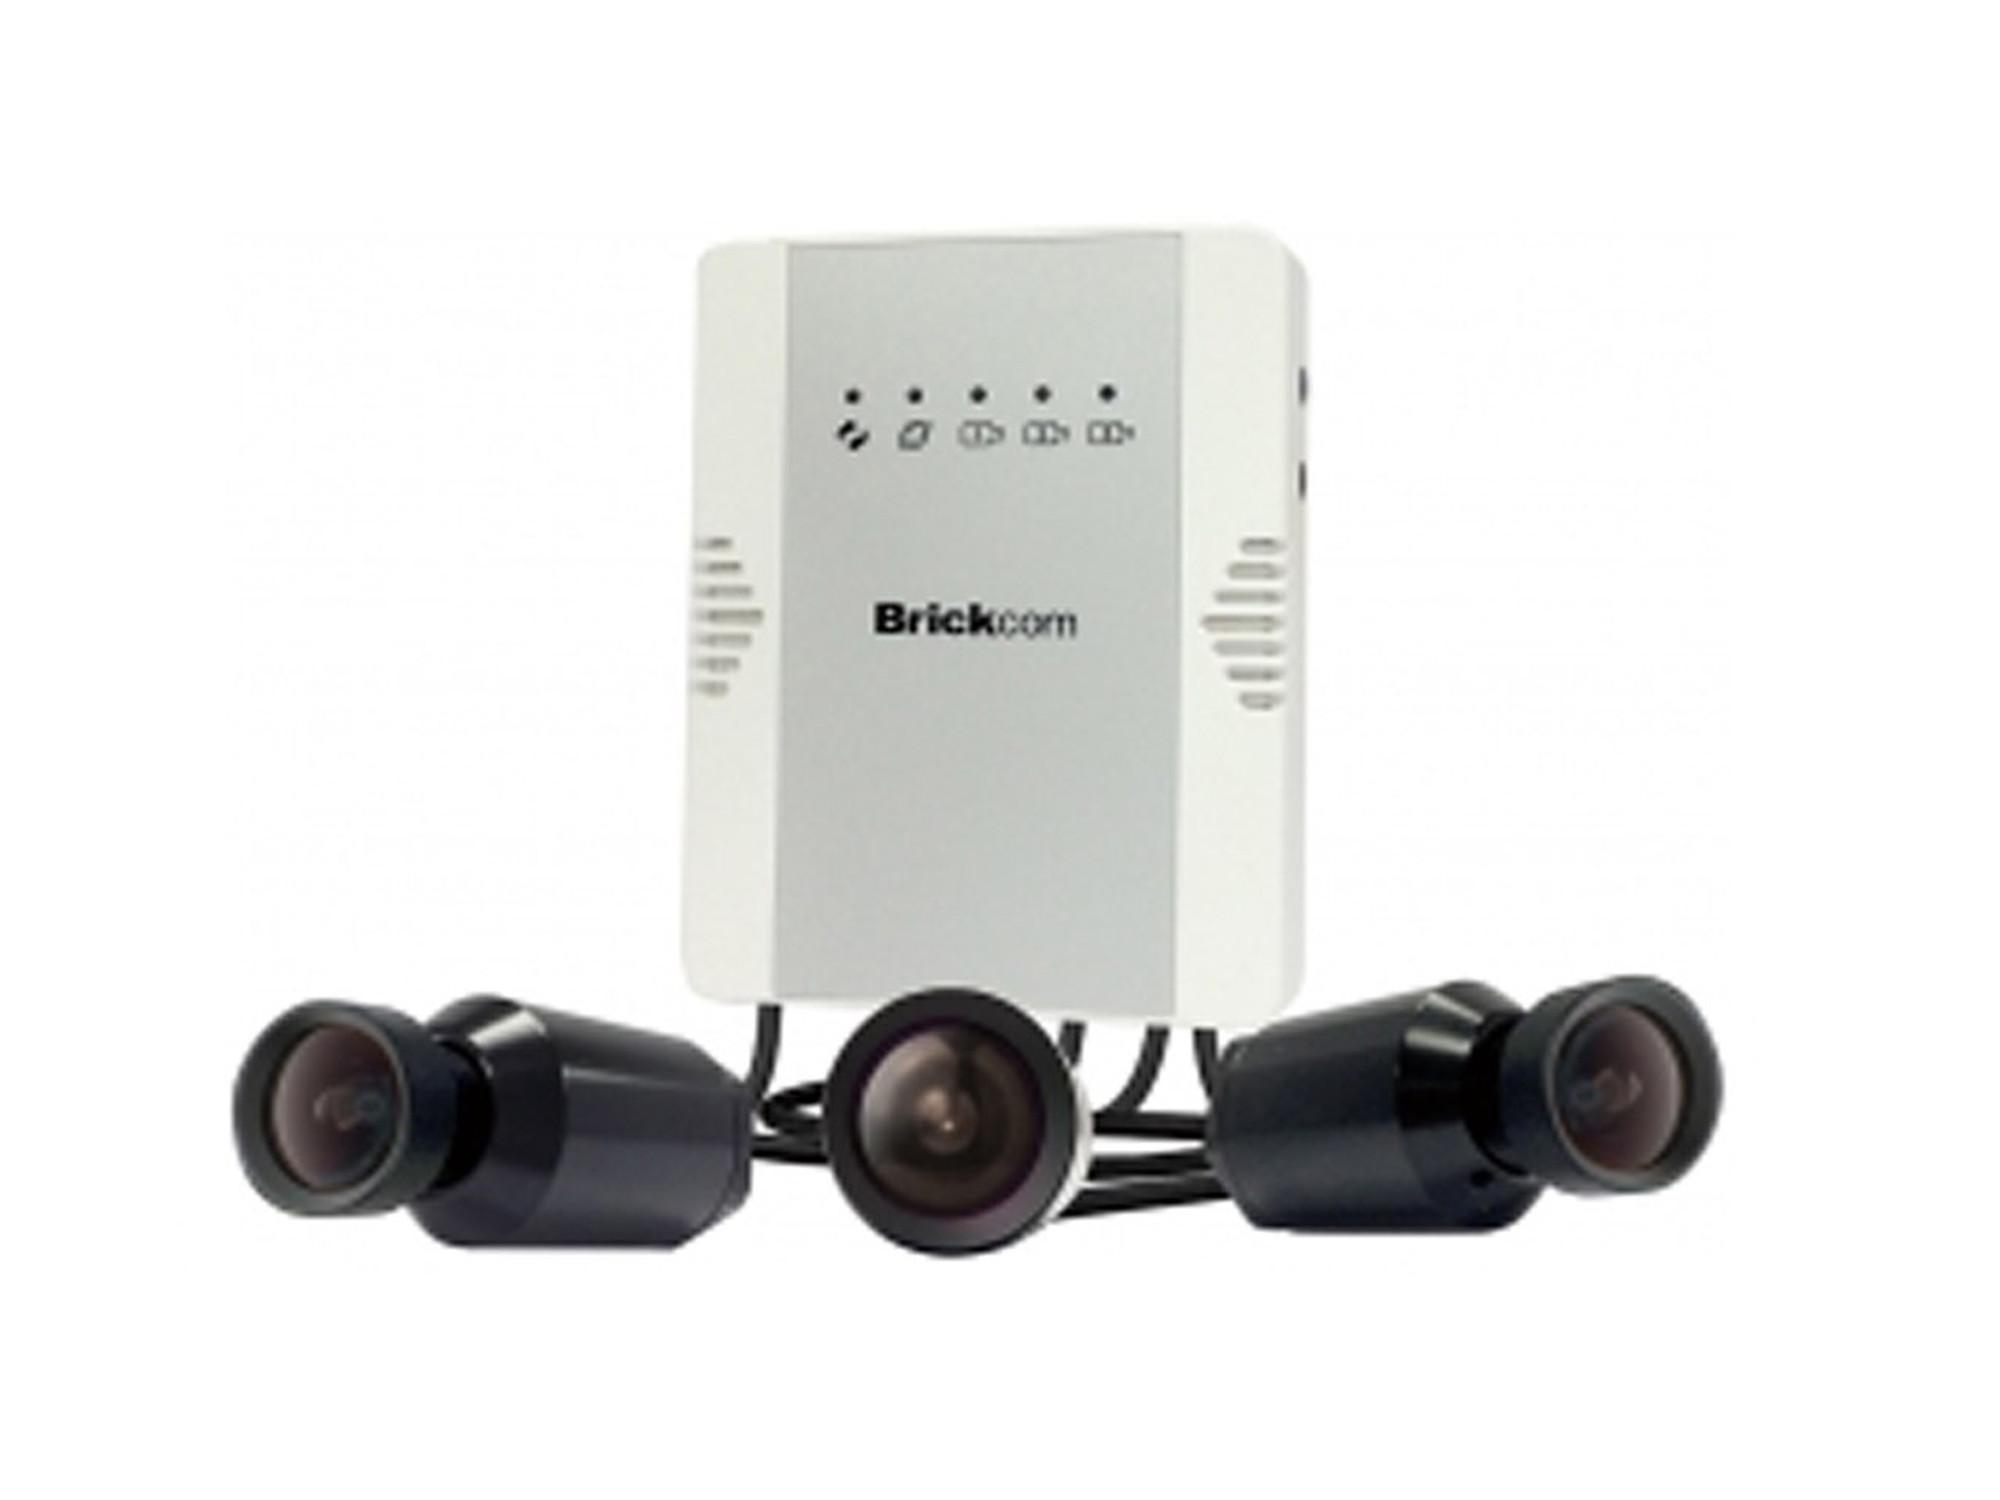 Brickcom Megapixel Super Mini Network Camera